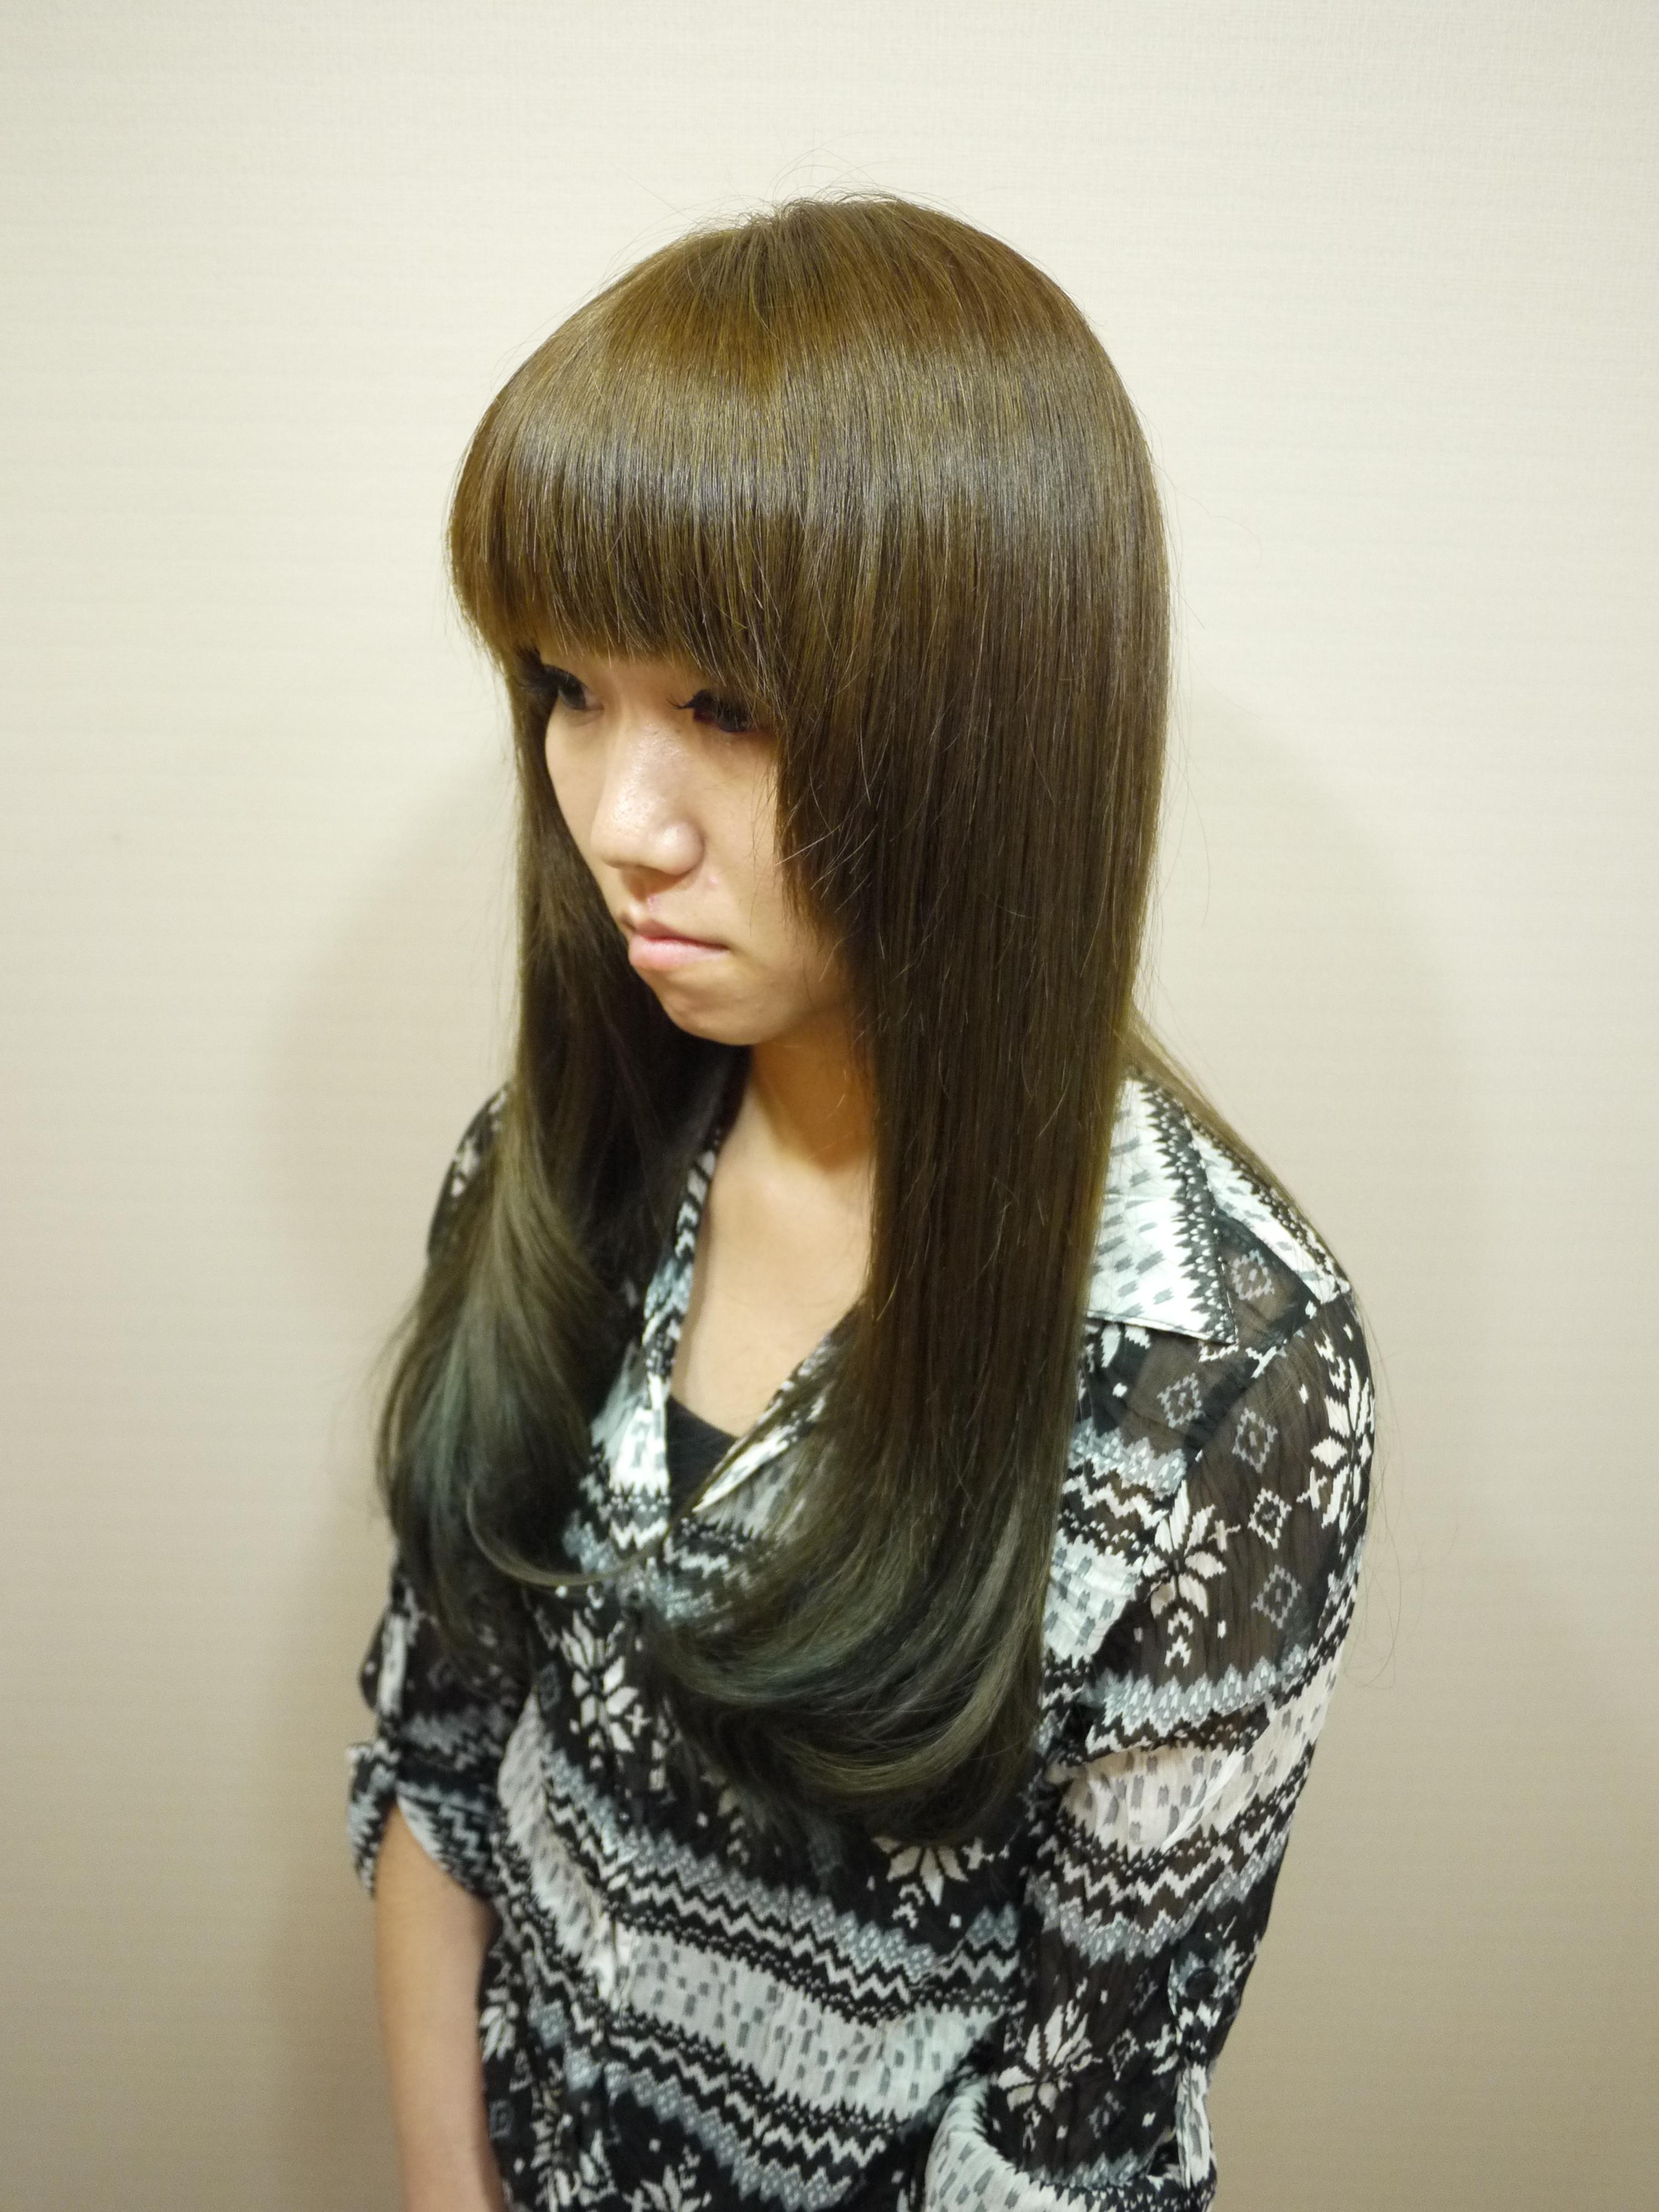 深闷青亚麻色头发图片_亚麻绿头发是什么颜色?最好有图片?-亚麻青的头发颜色图片